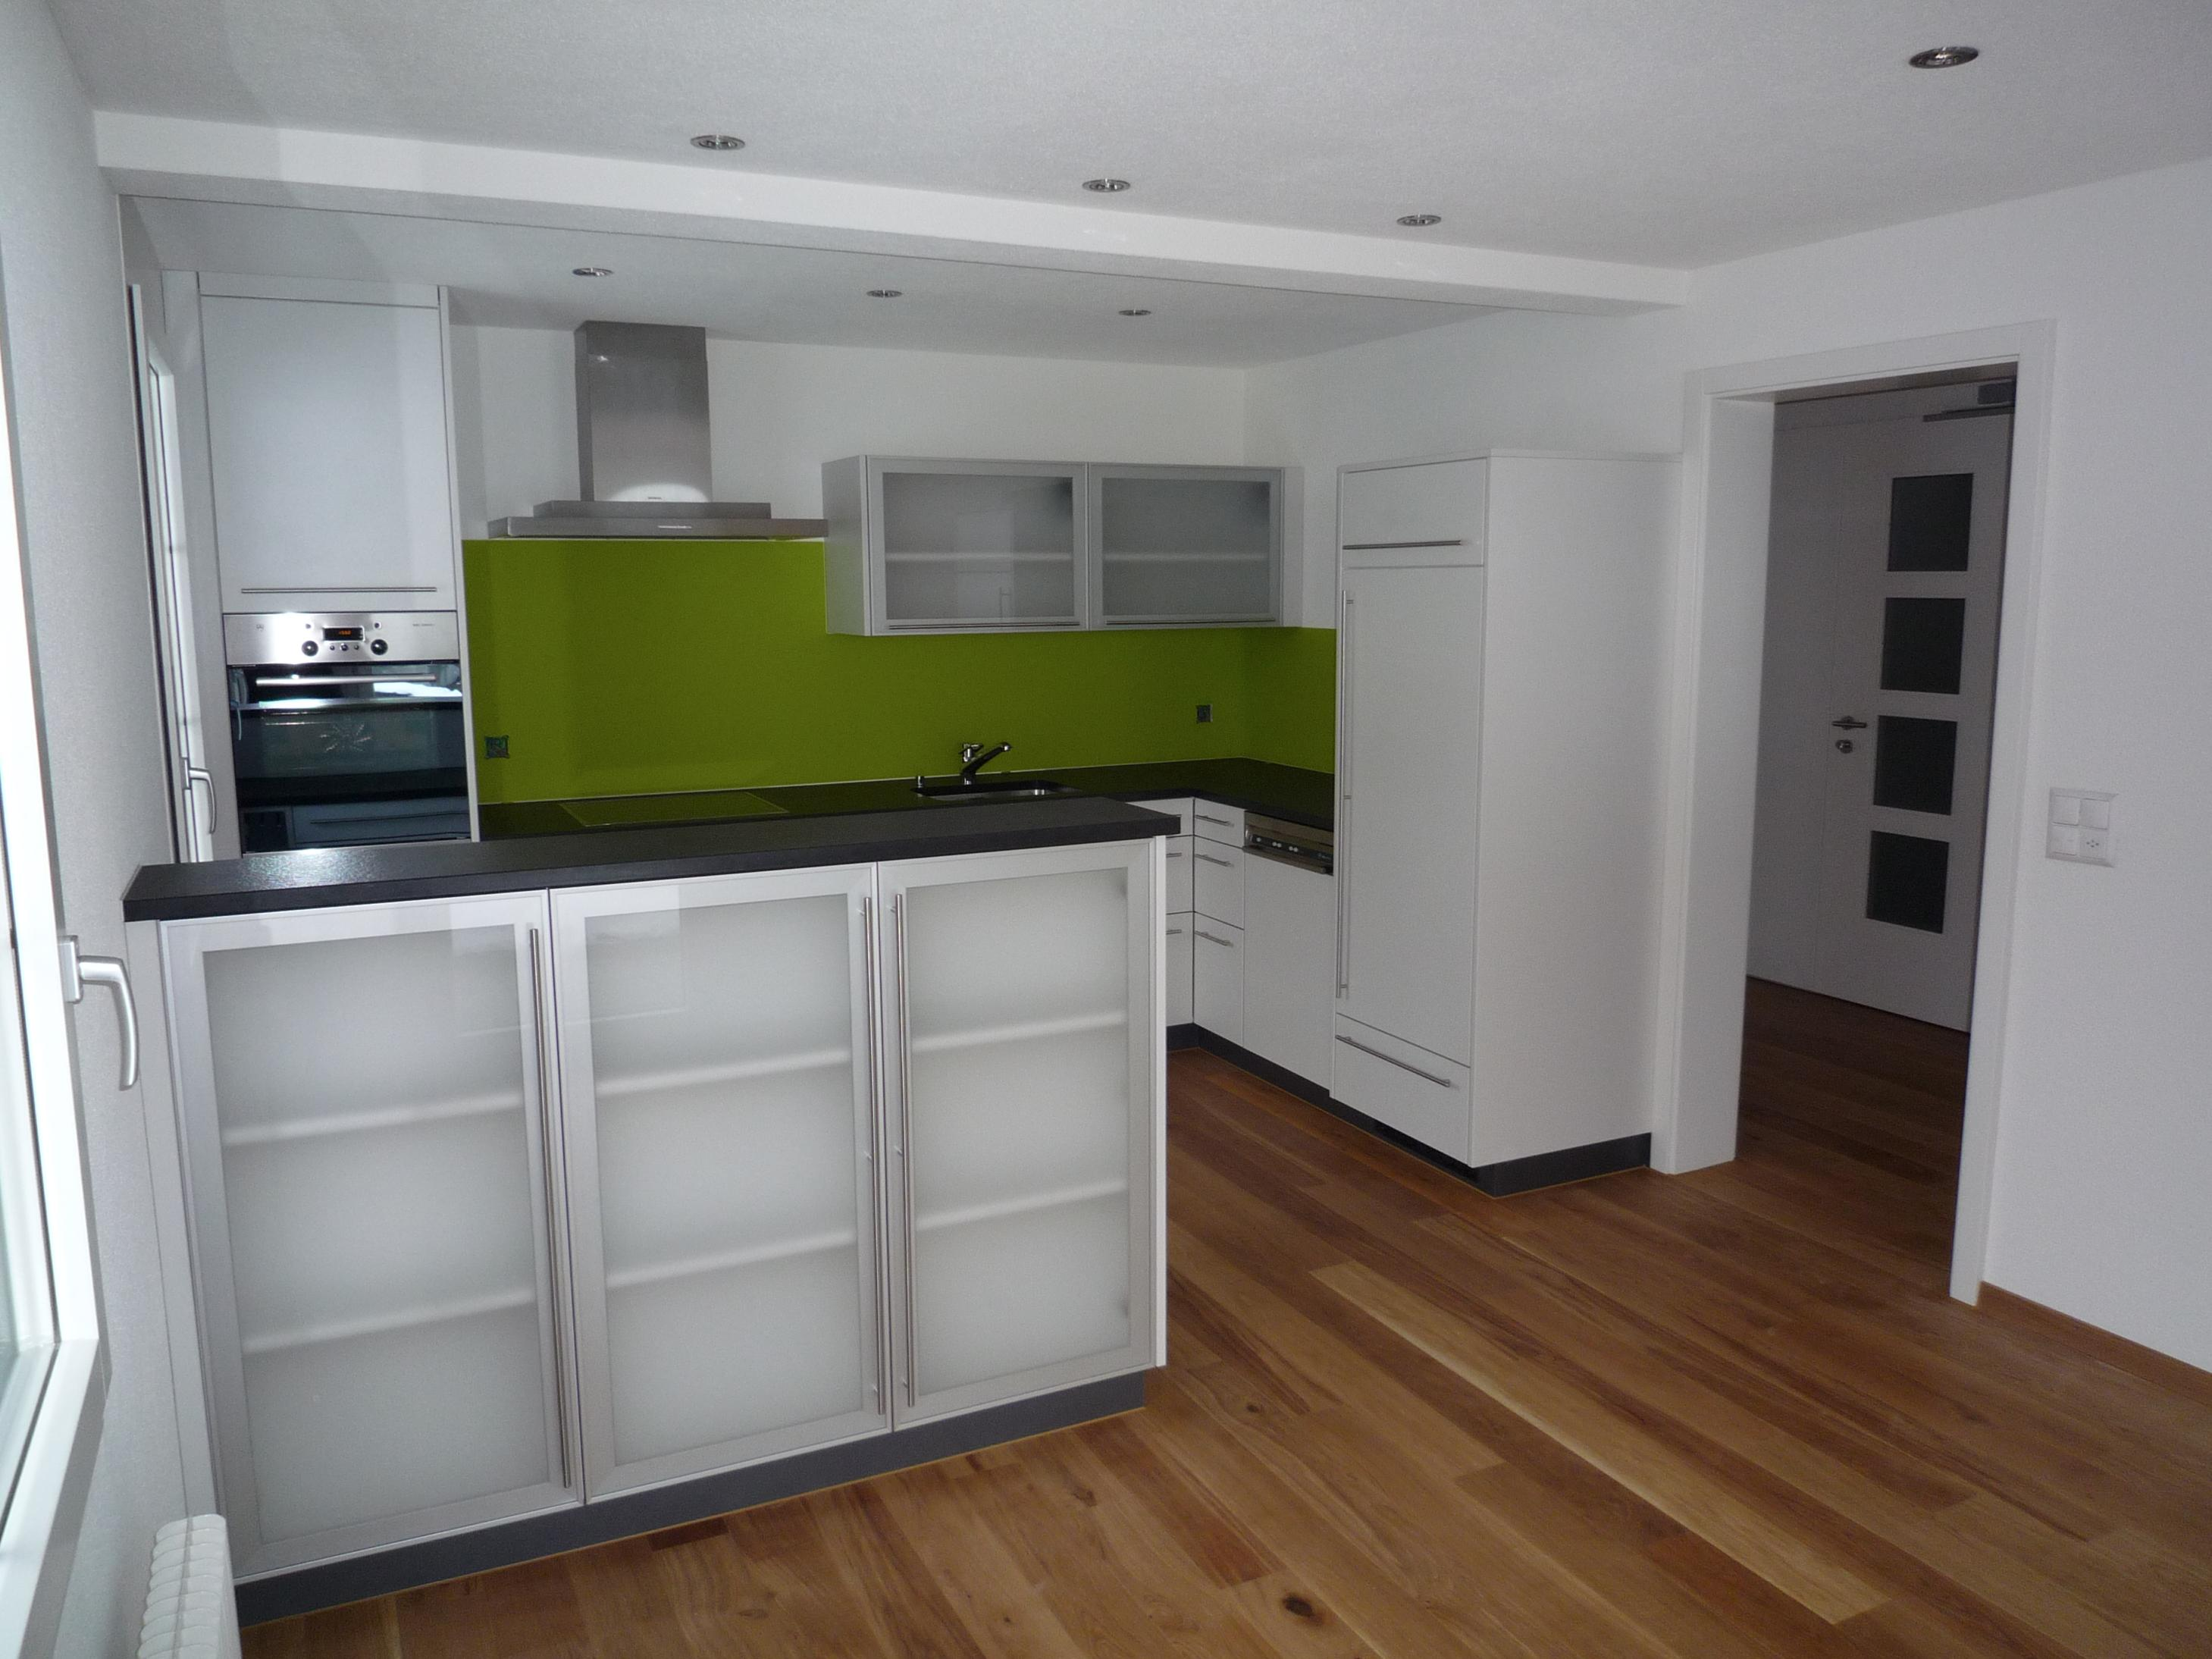 k chen t ren erneuern k chen t ren erneuern haus dekoration bmc k chenrenovierung alte k chen. Black Bedroom Furniture Sets. Home Design Ideas